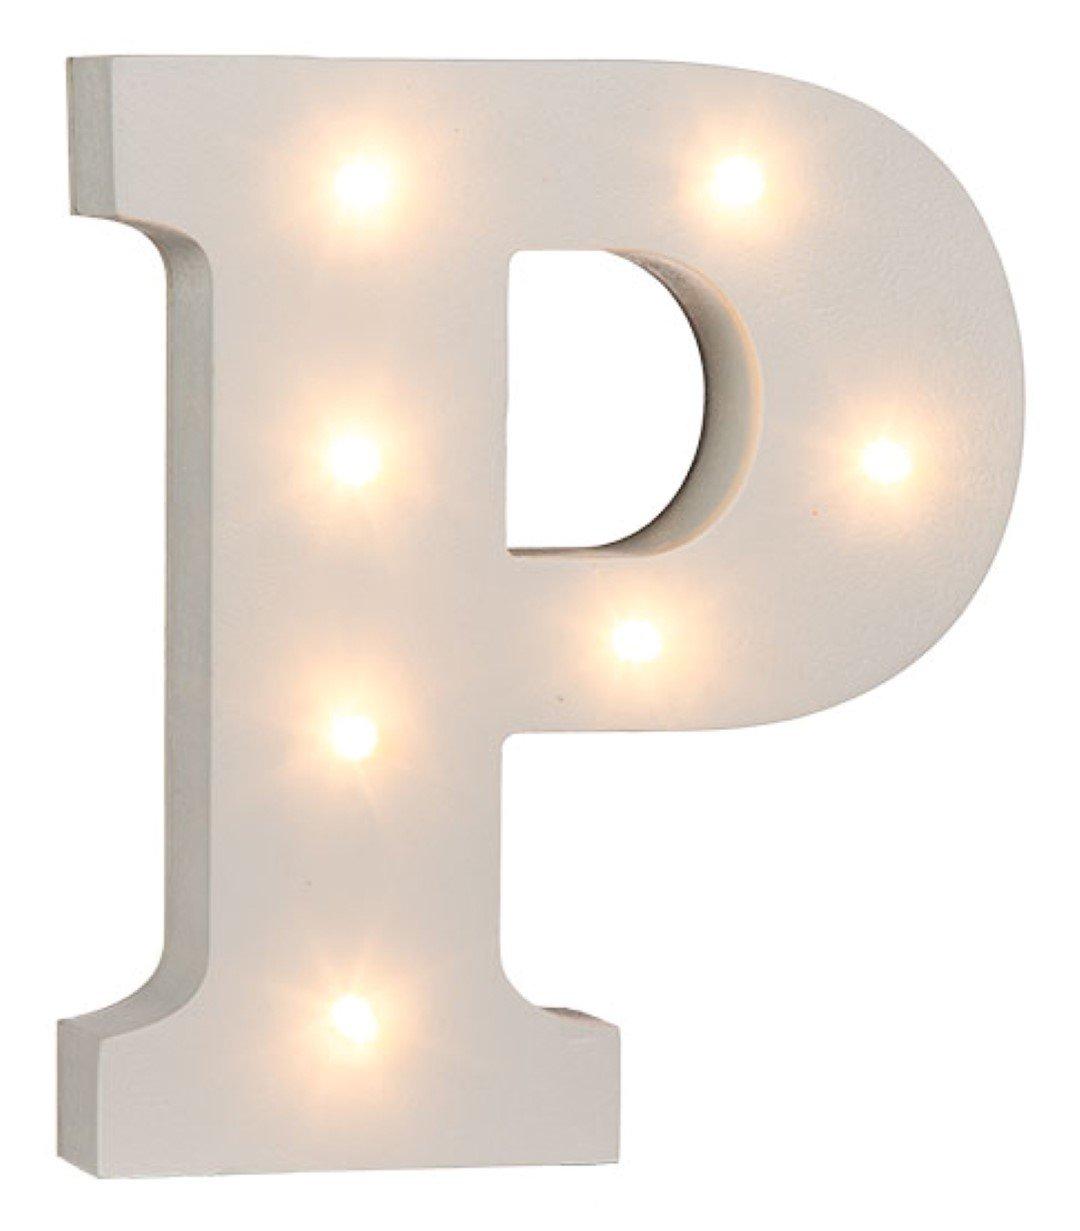 das komplette Alphabet holz 16/cm Beleuchtete Buchstaben und Zahlen/aus wei/ßem Holz 16 cm Letter H